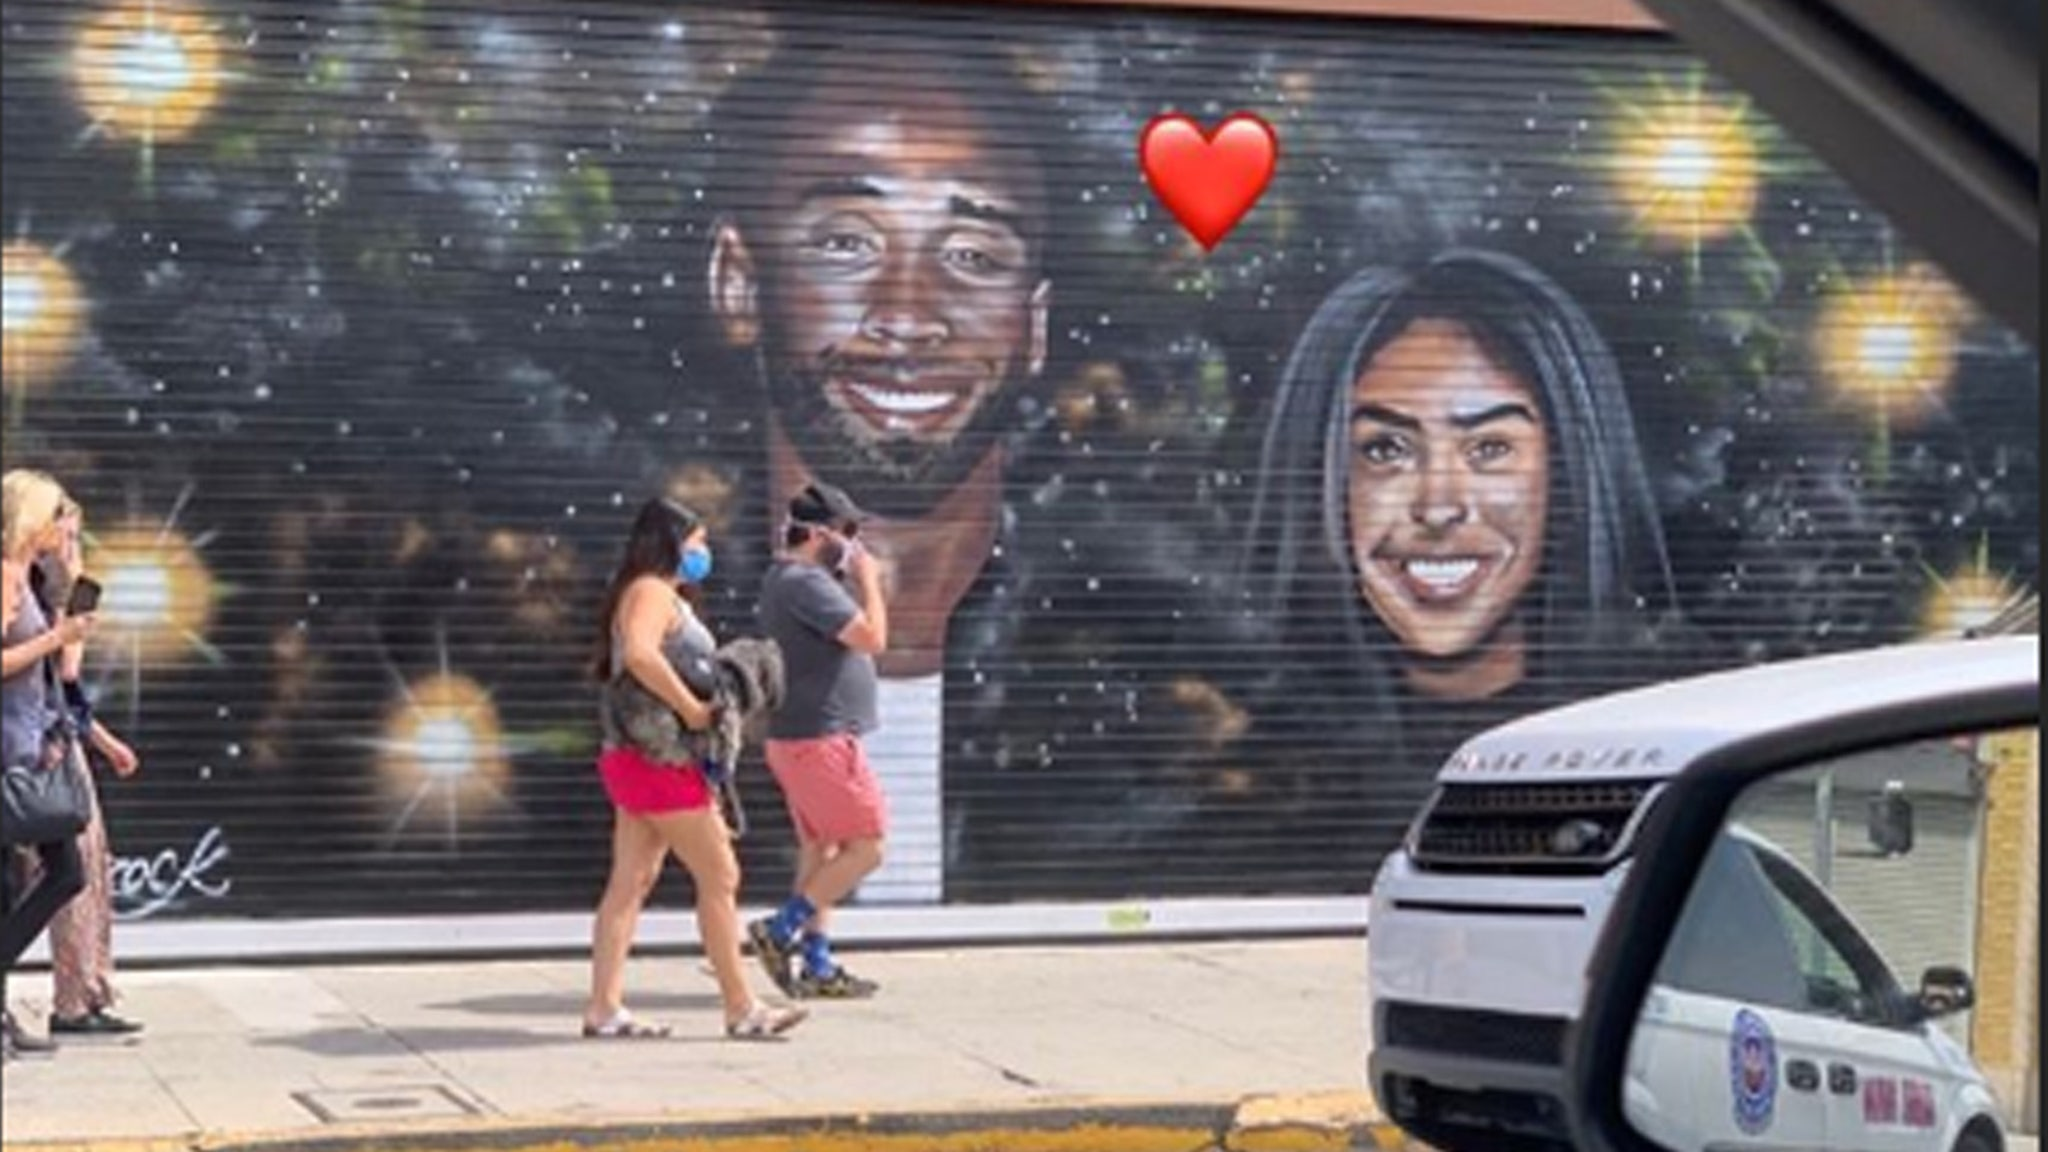 Kobe Bryant Murals Go Untouched Amid L.A. Chaos, Vanessa Appreciative